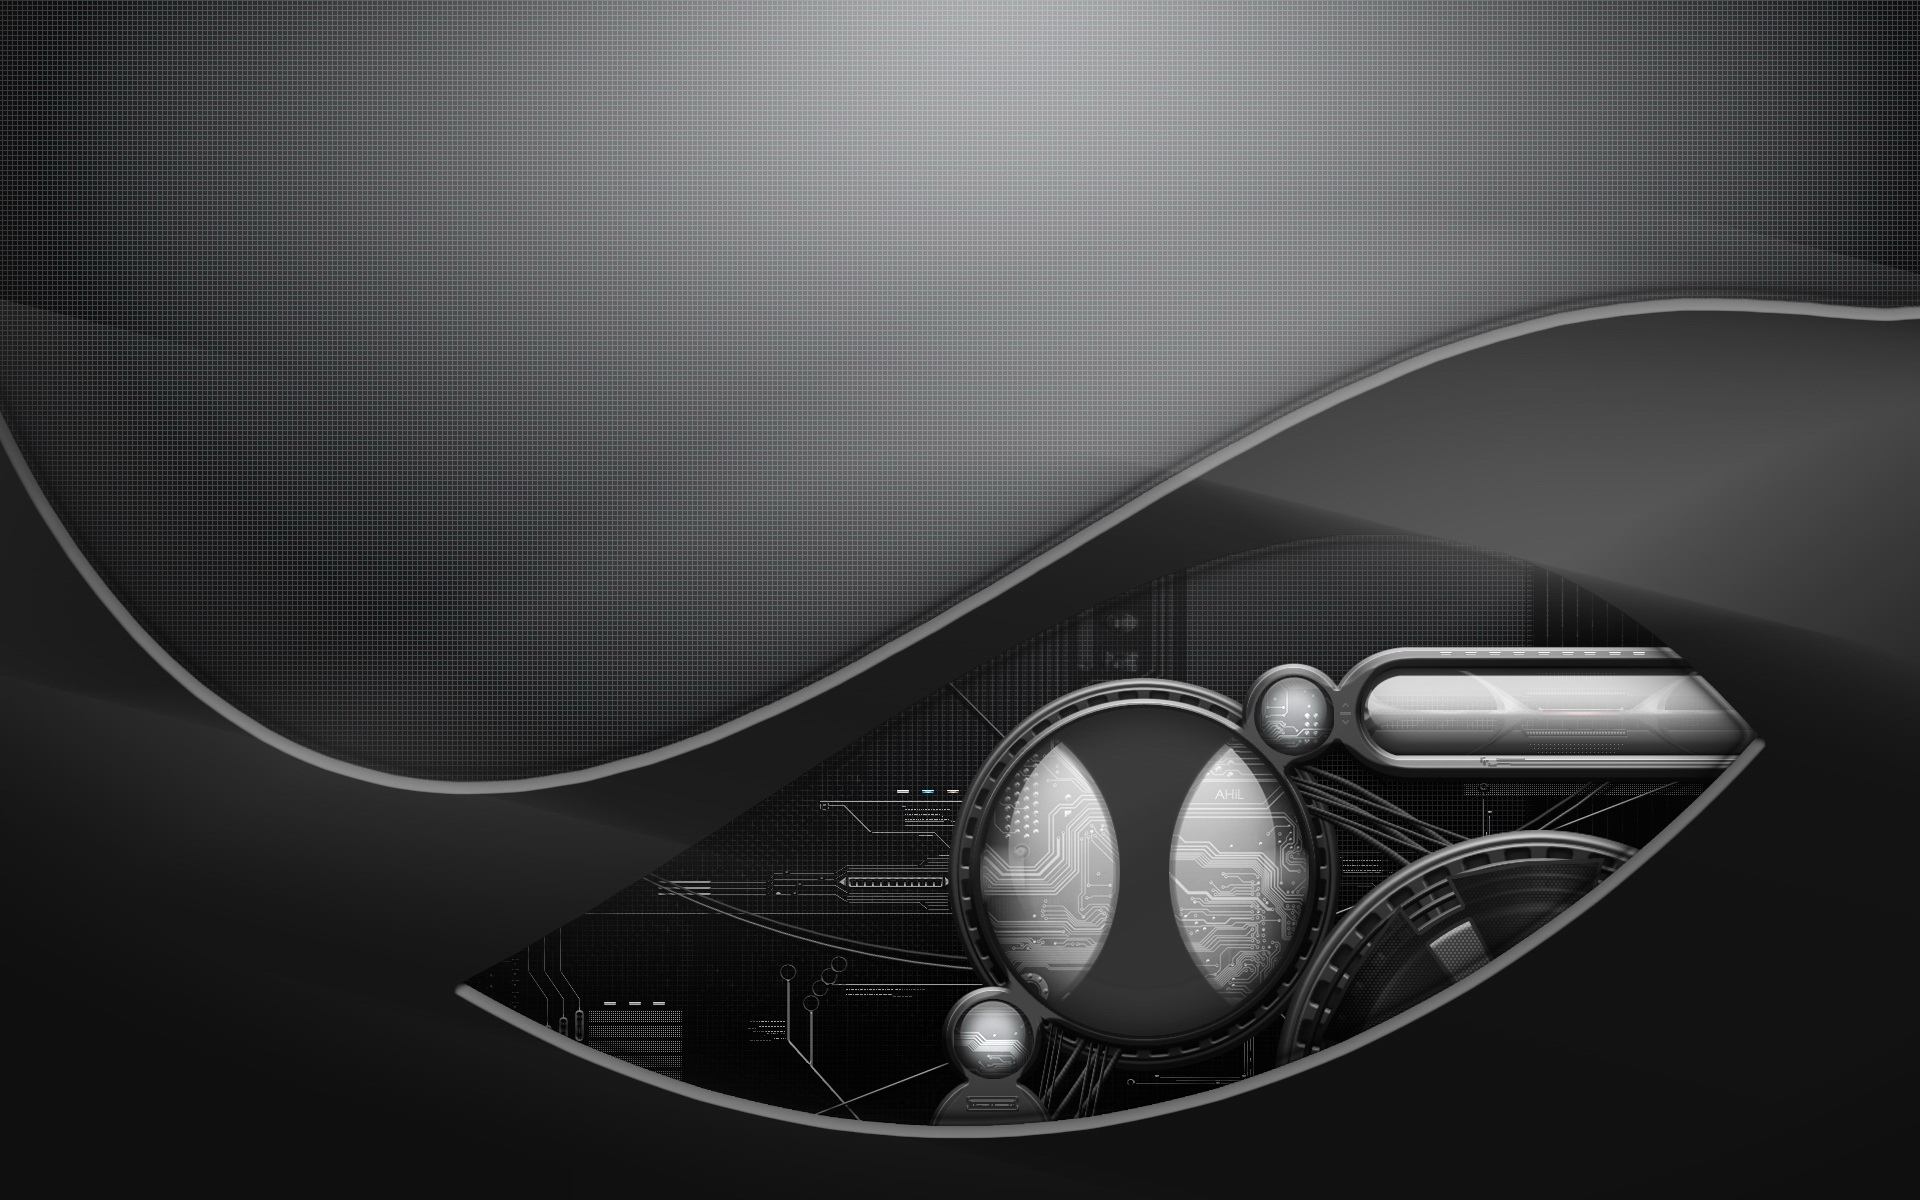 Обои для рабочего стола - 3D Графика [1920x1200] [55шт] (2011) JPG